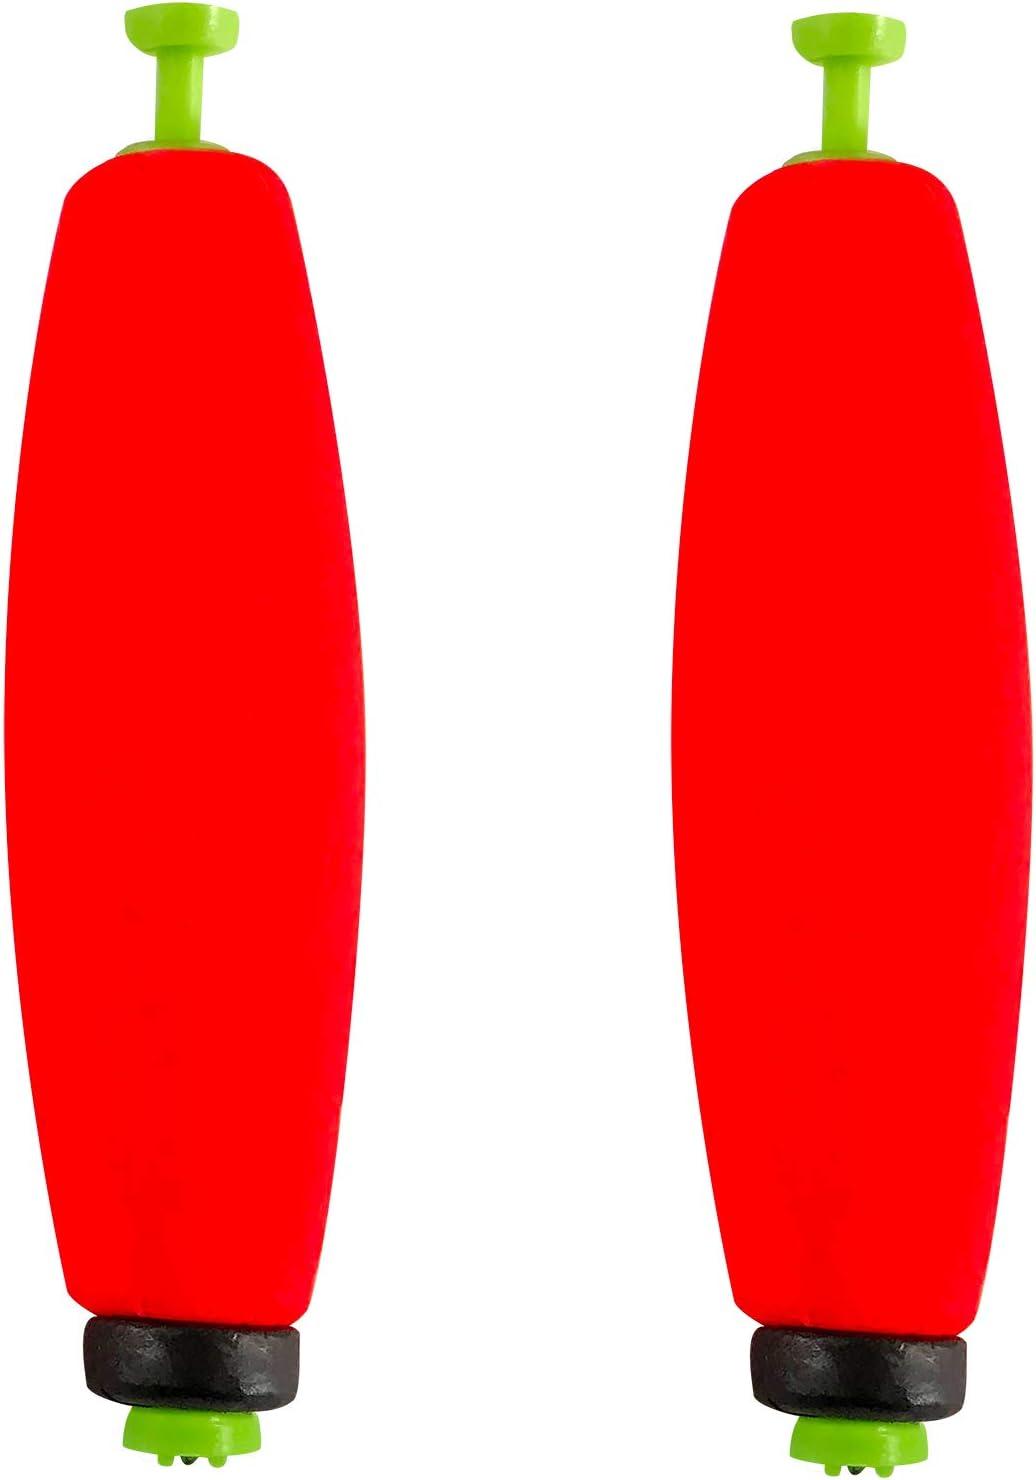 4 option Styrofoam 20 pcs Floating Lampshades Fishing Float EPS Styrofoam